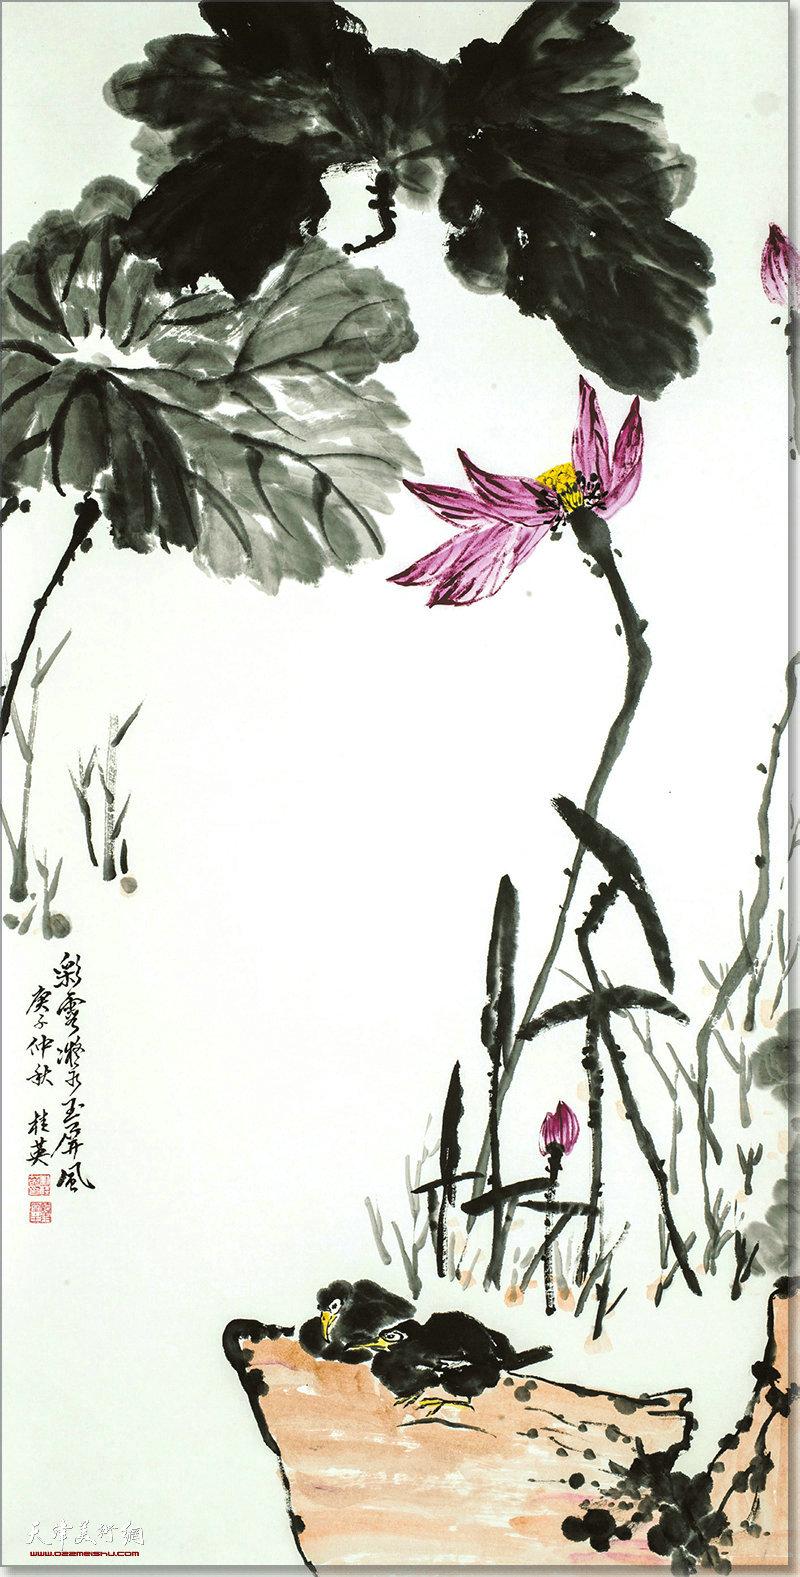 刘桂英作品:彩云凝水玉屏风